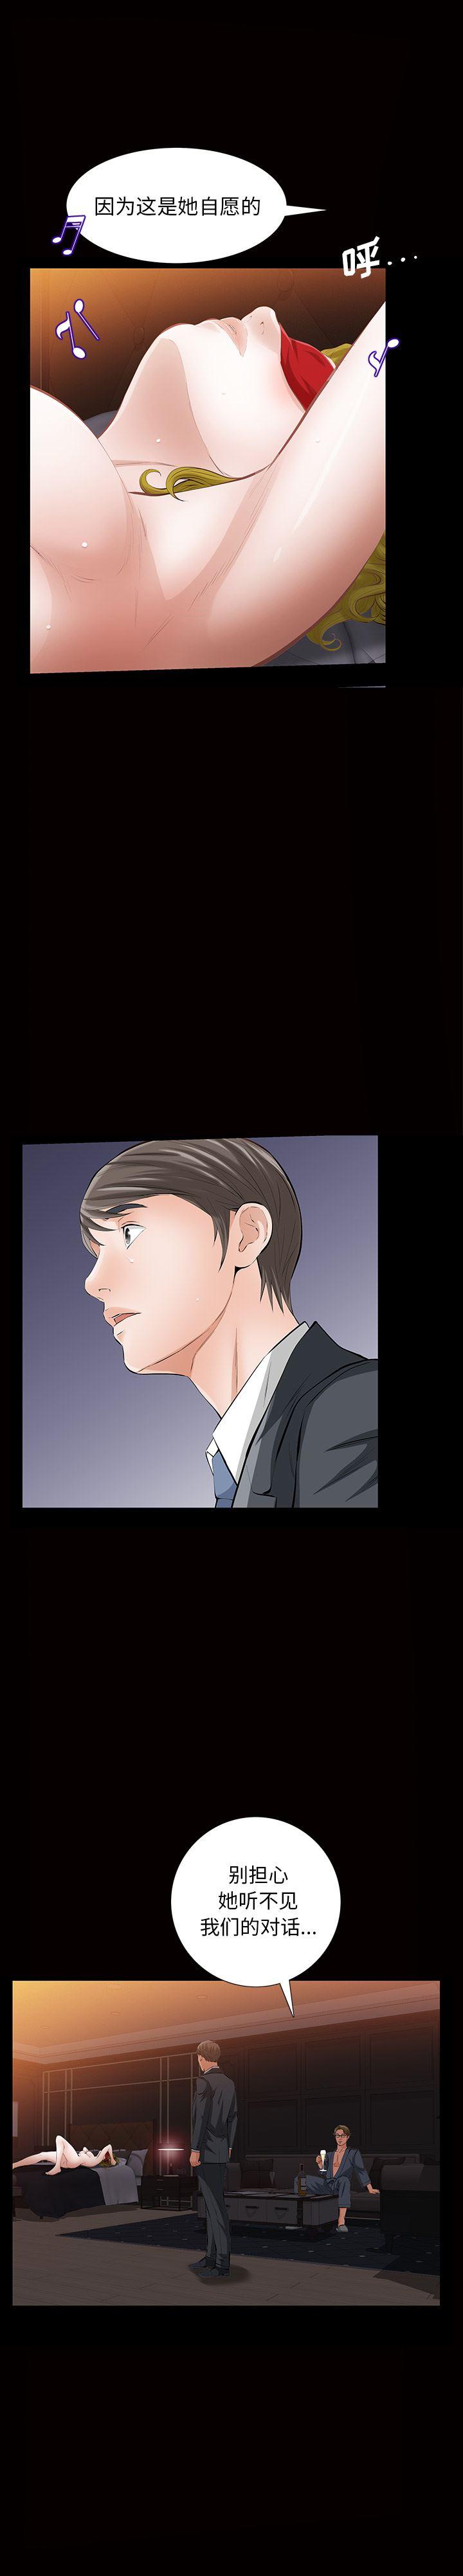 他的她-他的她:9全彩韩漫标签